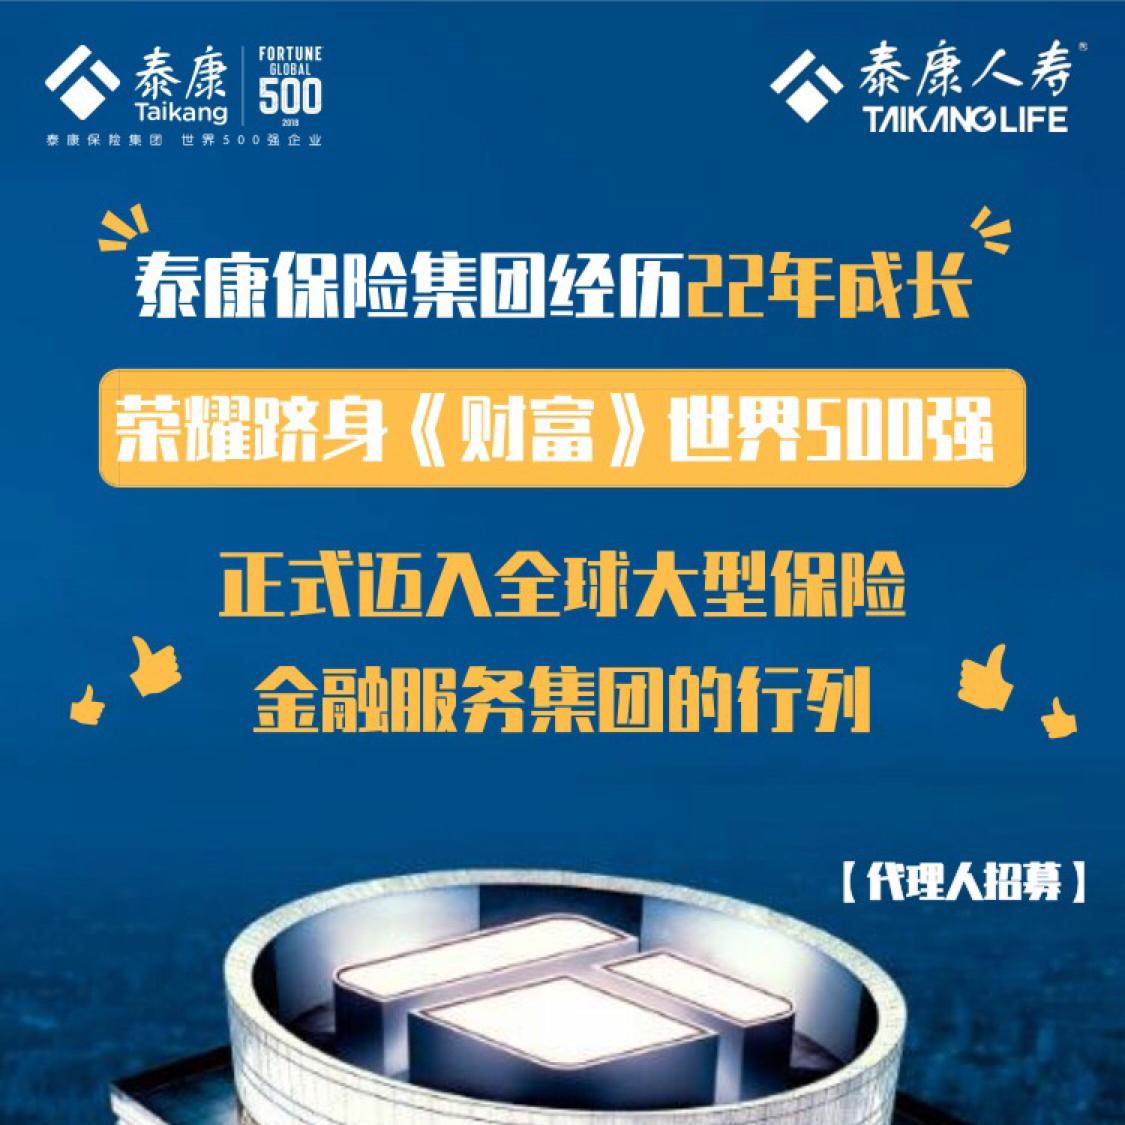 泰康人壽保險有限責任公司廣東汕頭濠江營銷服務部